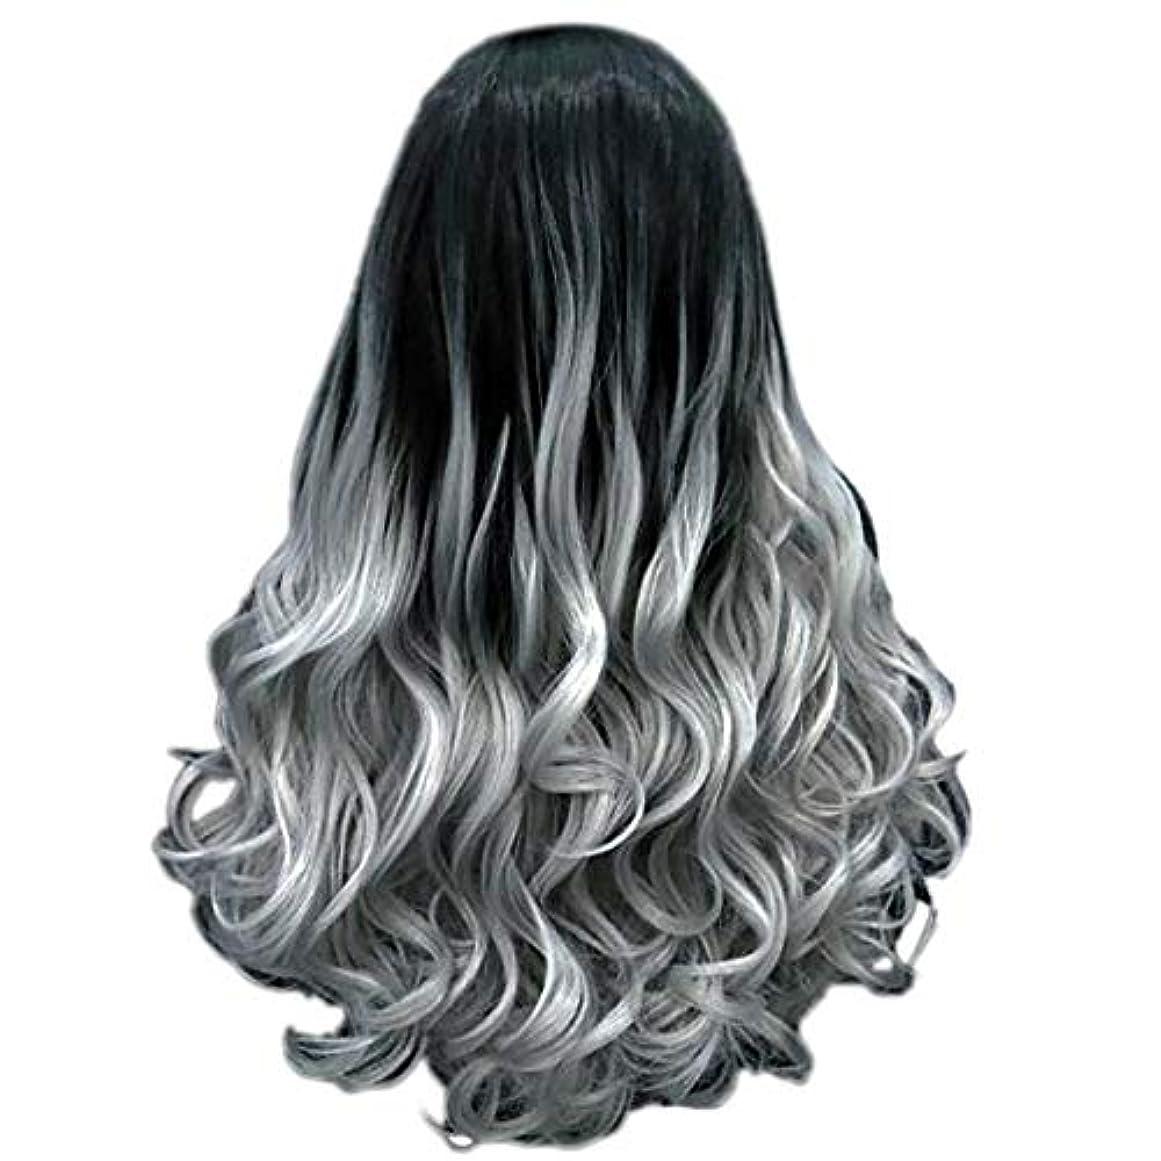 スマッシュアルネ状況女性の長い巻き毛のファッションセクシーなかつら70 cmをかつら